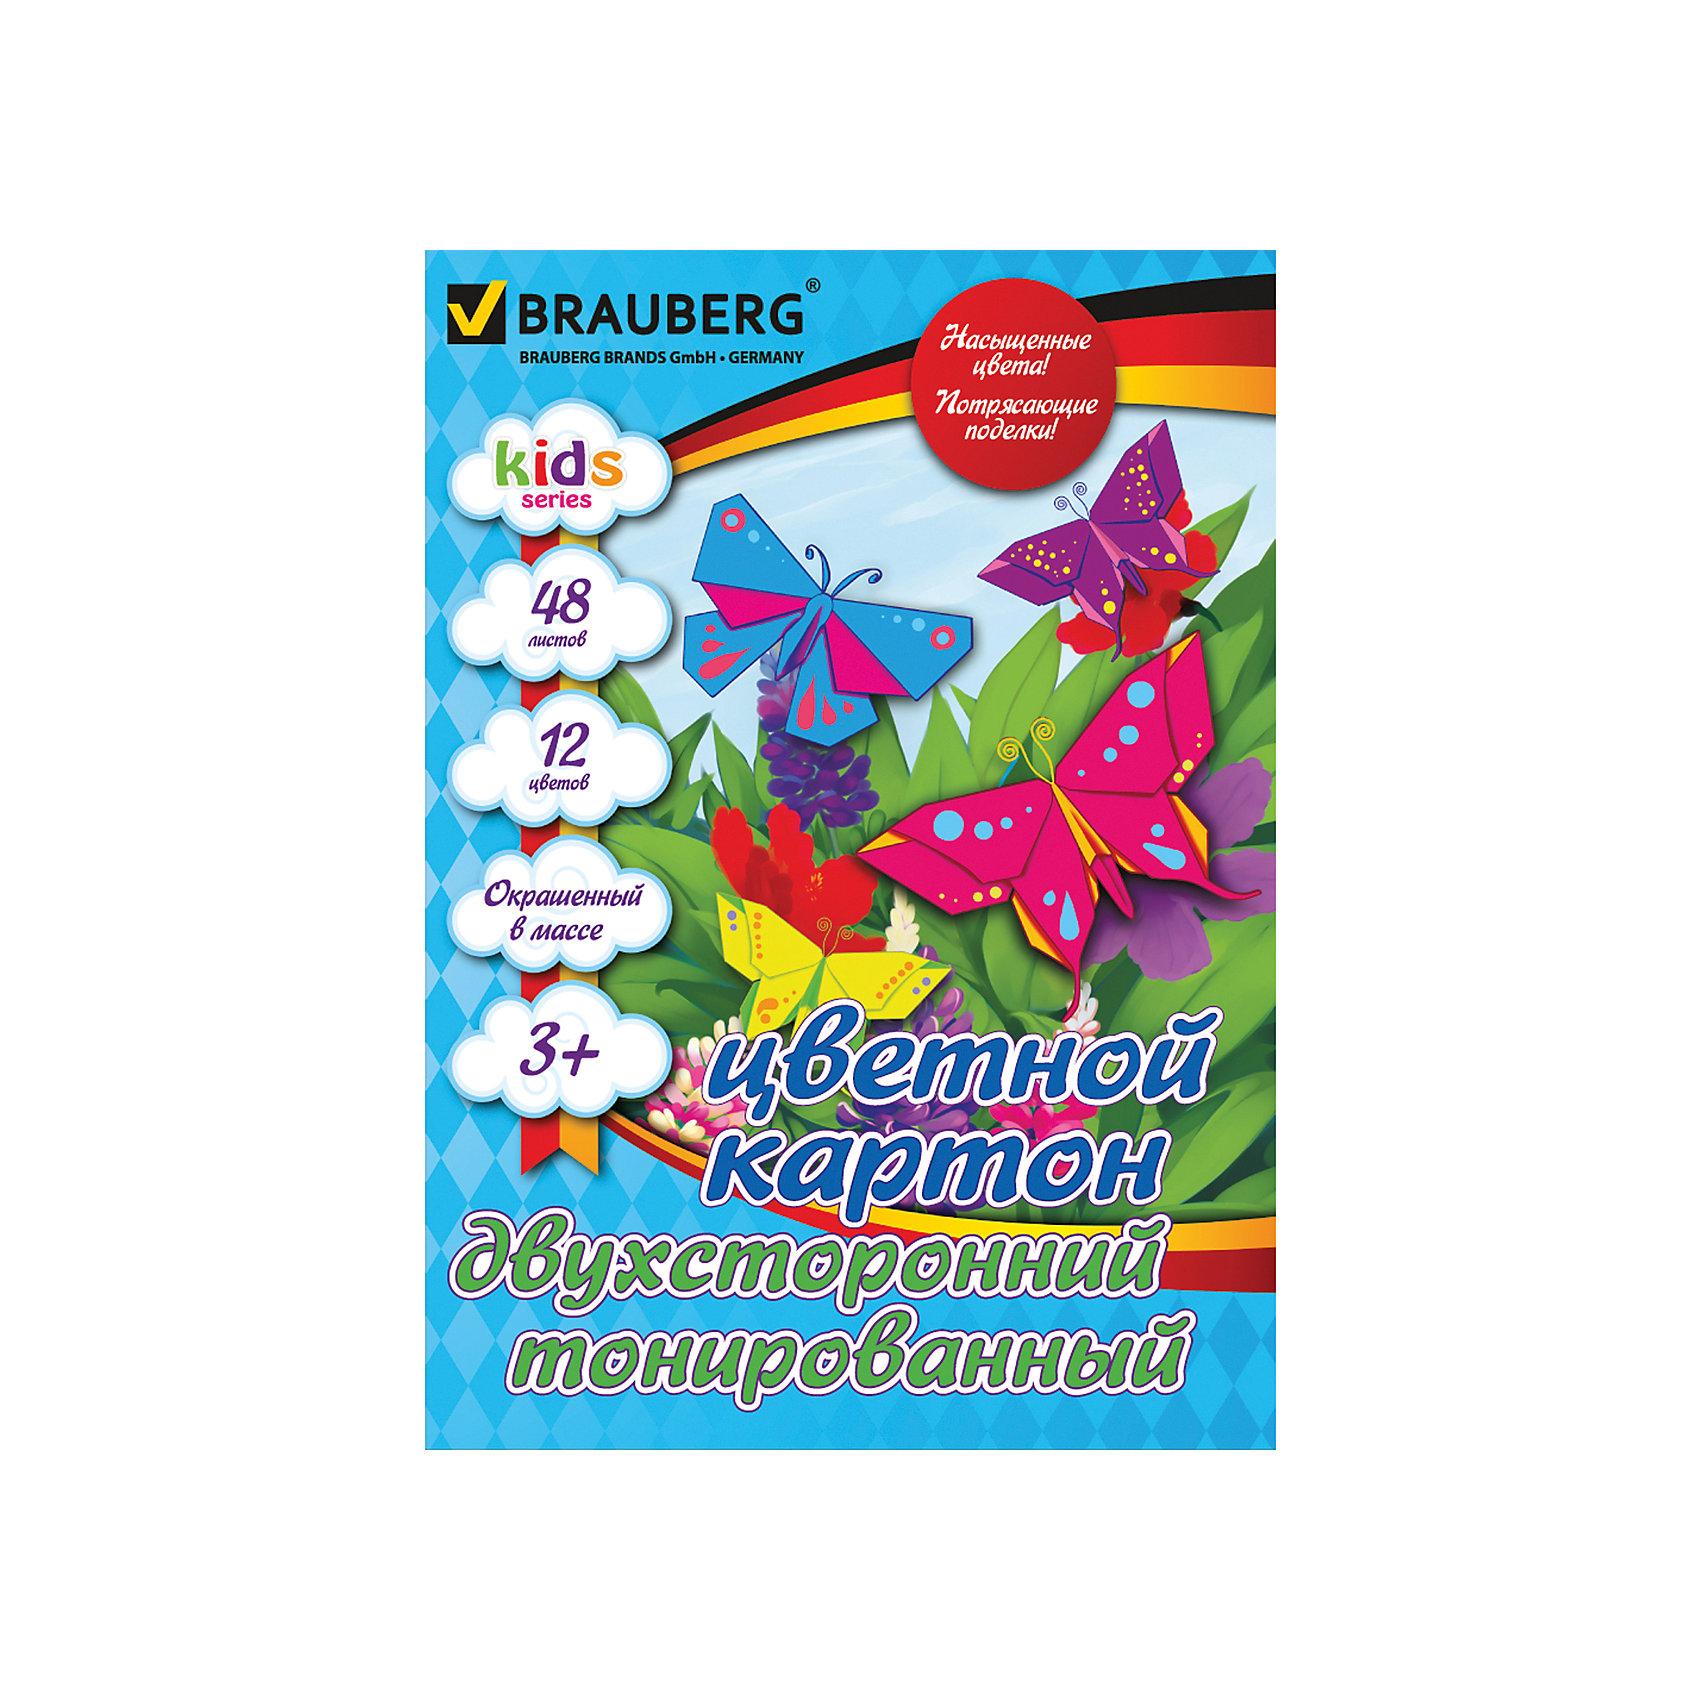 Цветной картон А4, 48 л., 12 цв.Набор цветного двухстороннего тонированного картона BRAUBERG детской серии предназначен для творчества, хобби, моделирования, оформления презентаций. Позволит создавать  всевозможные  неординарные аппликации и поделки.<br><br>Дополнительная информация:<br><br>- Формат А4 (210х297 мм).<br>- Внутренний блок - двухсторонний цветной картон, тонированный в массе.<br>- Альбомное скрепление для эффективного использования.<br>- 12 цветов.<br>- 48 листов.<br>- Размер упаковки: 31,7х23х1,5 см.<br>-  Вес в упаковке: 607 г.<br><br>Цветной картон  можно купить в нашем магазине.<br><br>Ширина мм: 317<br>Глубина мм: 230<br>Высота мм: 15<br>Вес г: 607<br>Возраст от месяцев: 72<br>Возраст до месяцев: 2147483647<br>Пол: Унисекс<br>Возраст: Детский<br>SKU: 4792787